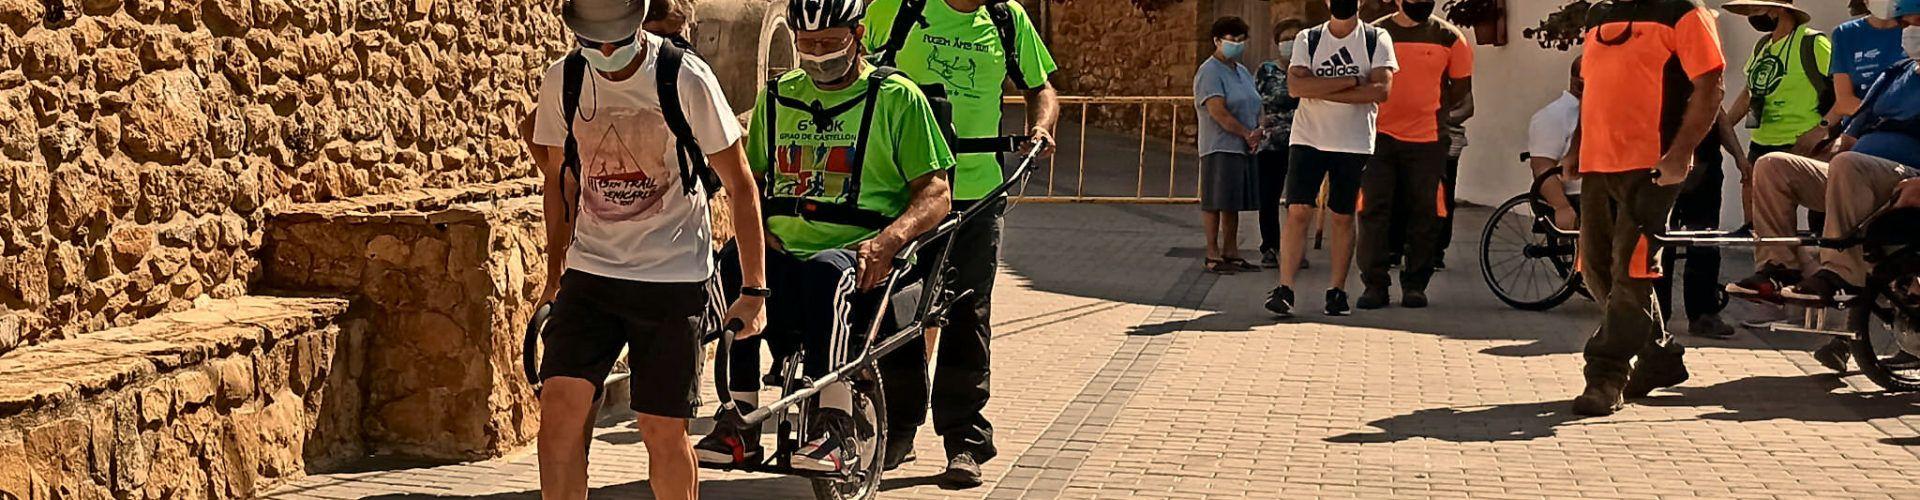 El Parque Natural de la Tinença de Benifassà estrena sillas de ruedas adaptadas